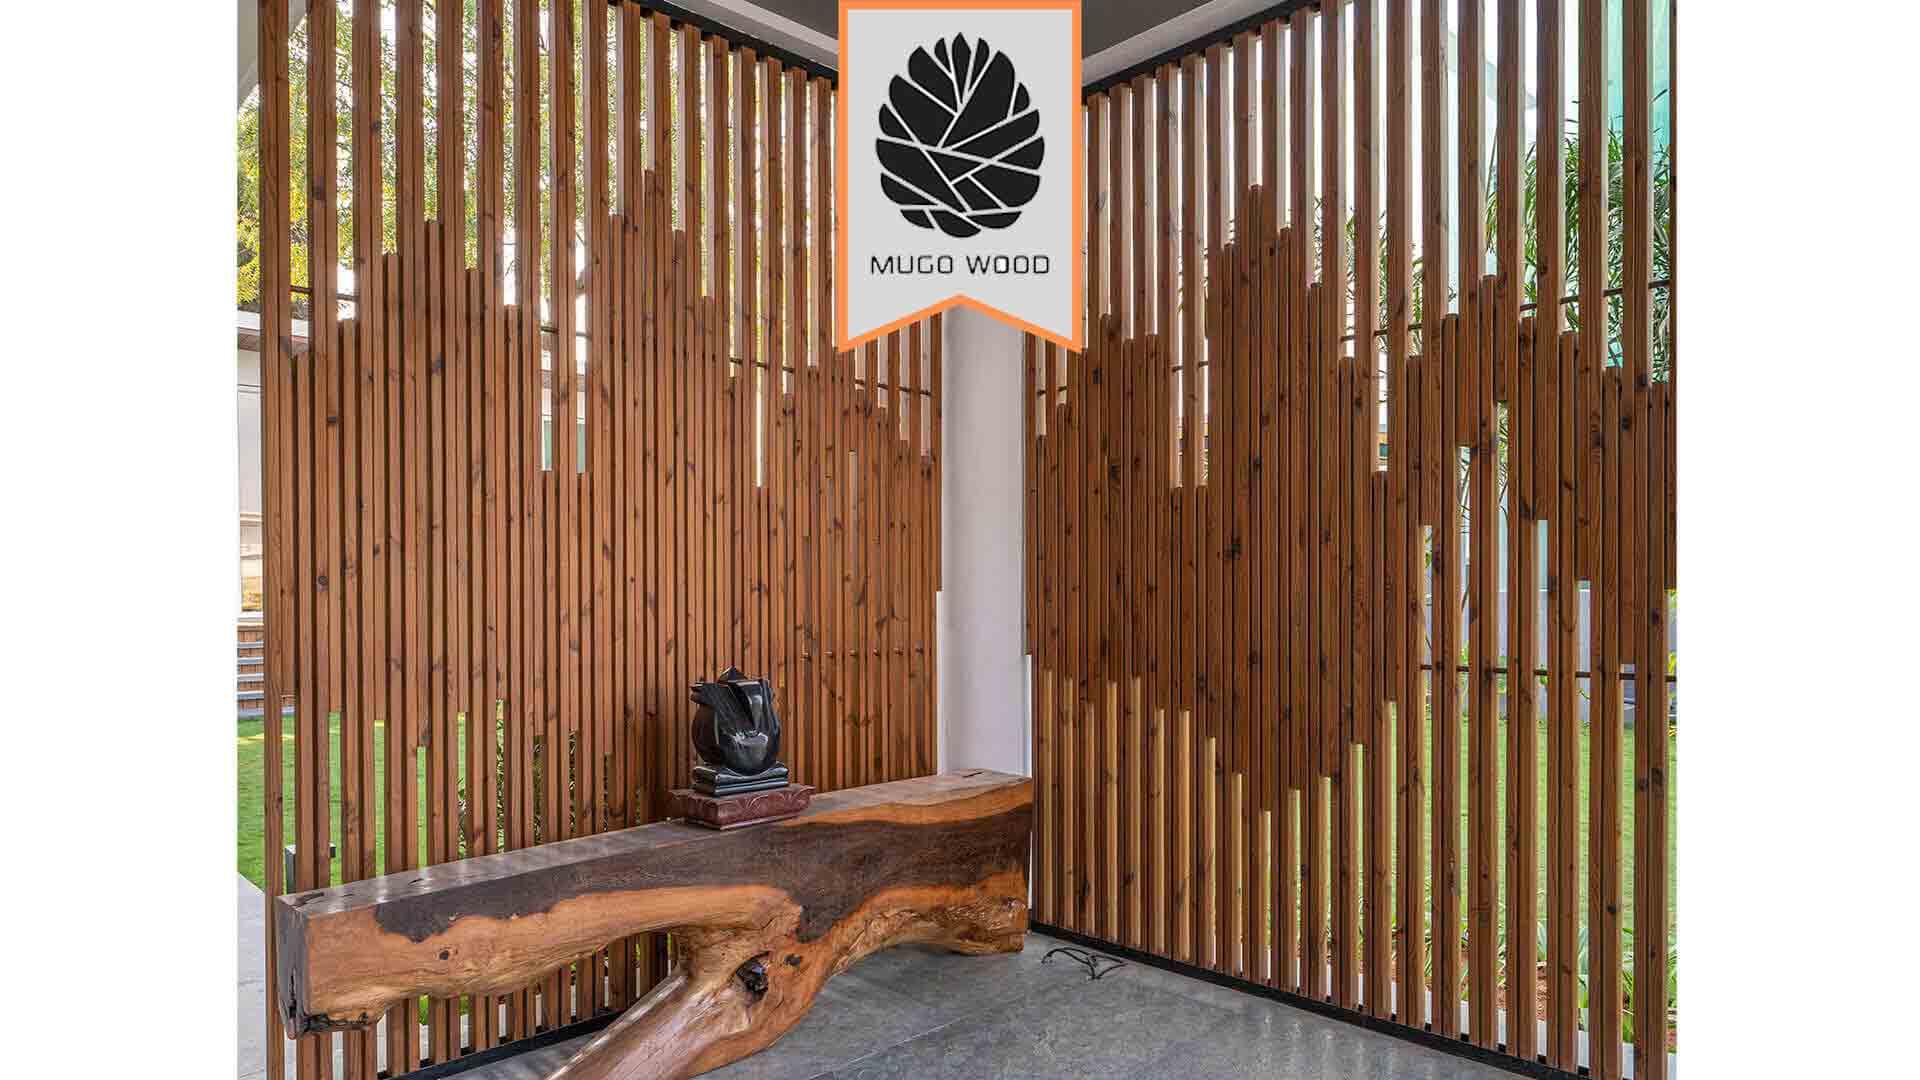 چوب ترموود کرج - نمایندگی چوب ترموود کرج-چوب ترموود کرج- چوب ترموود در کرج